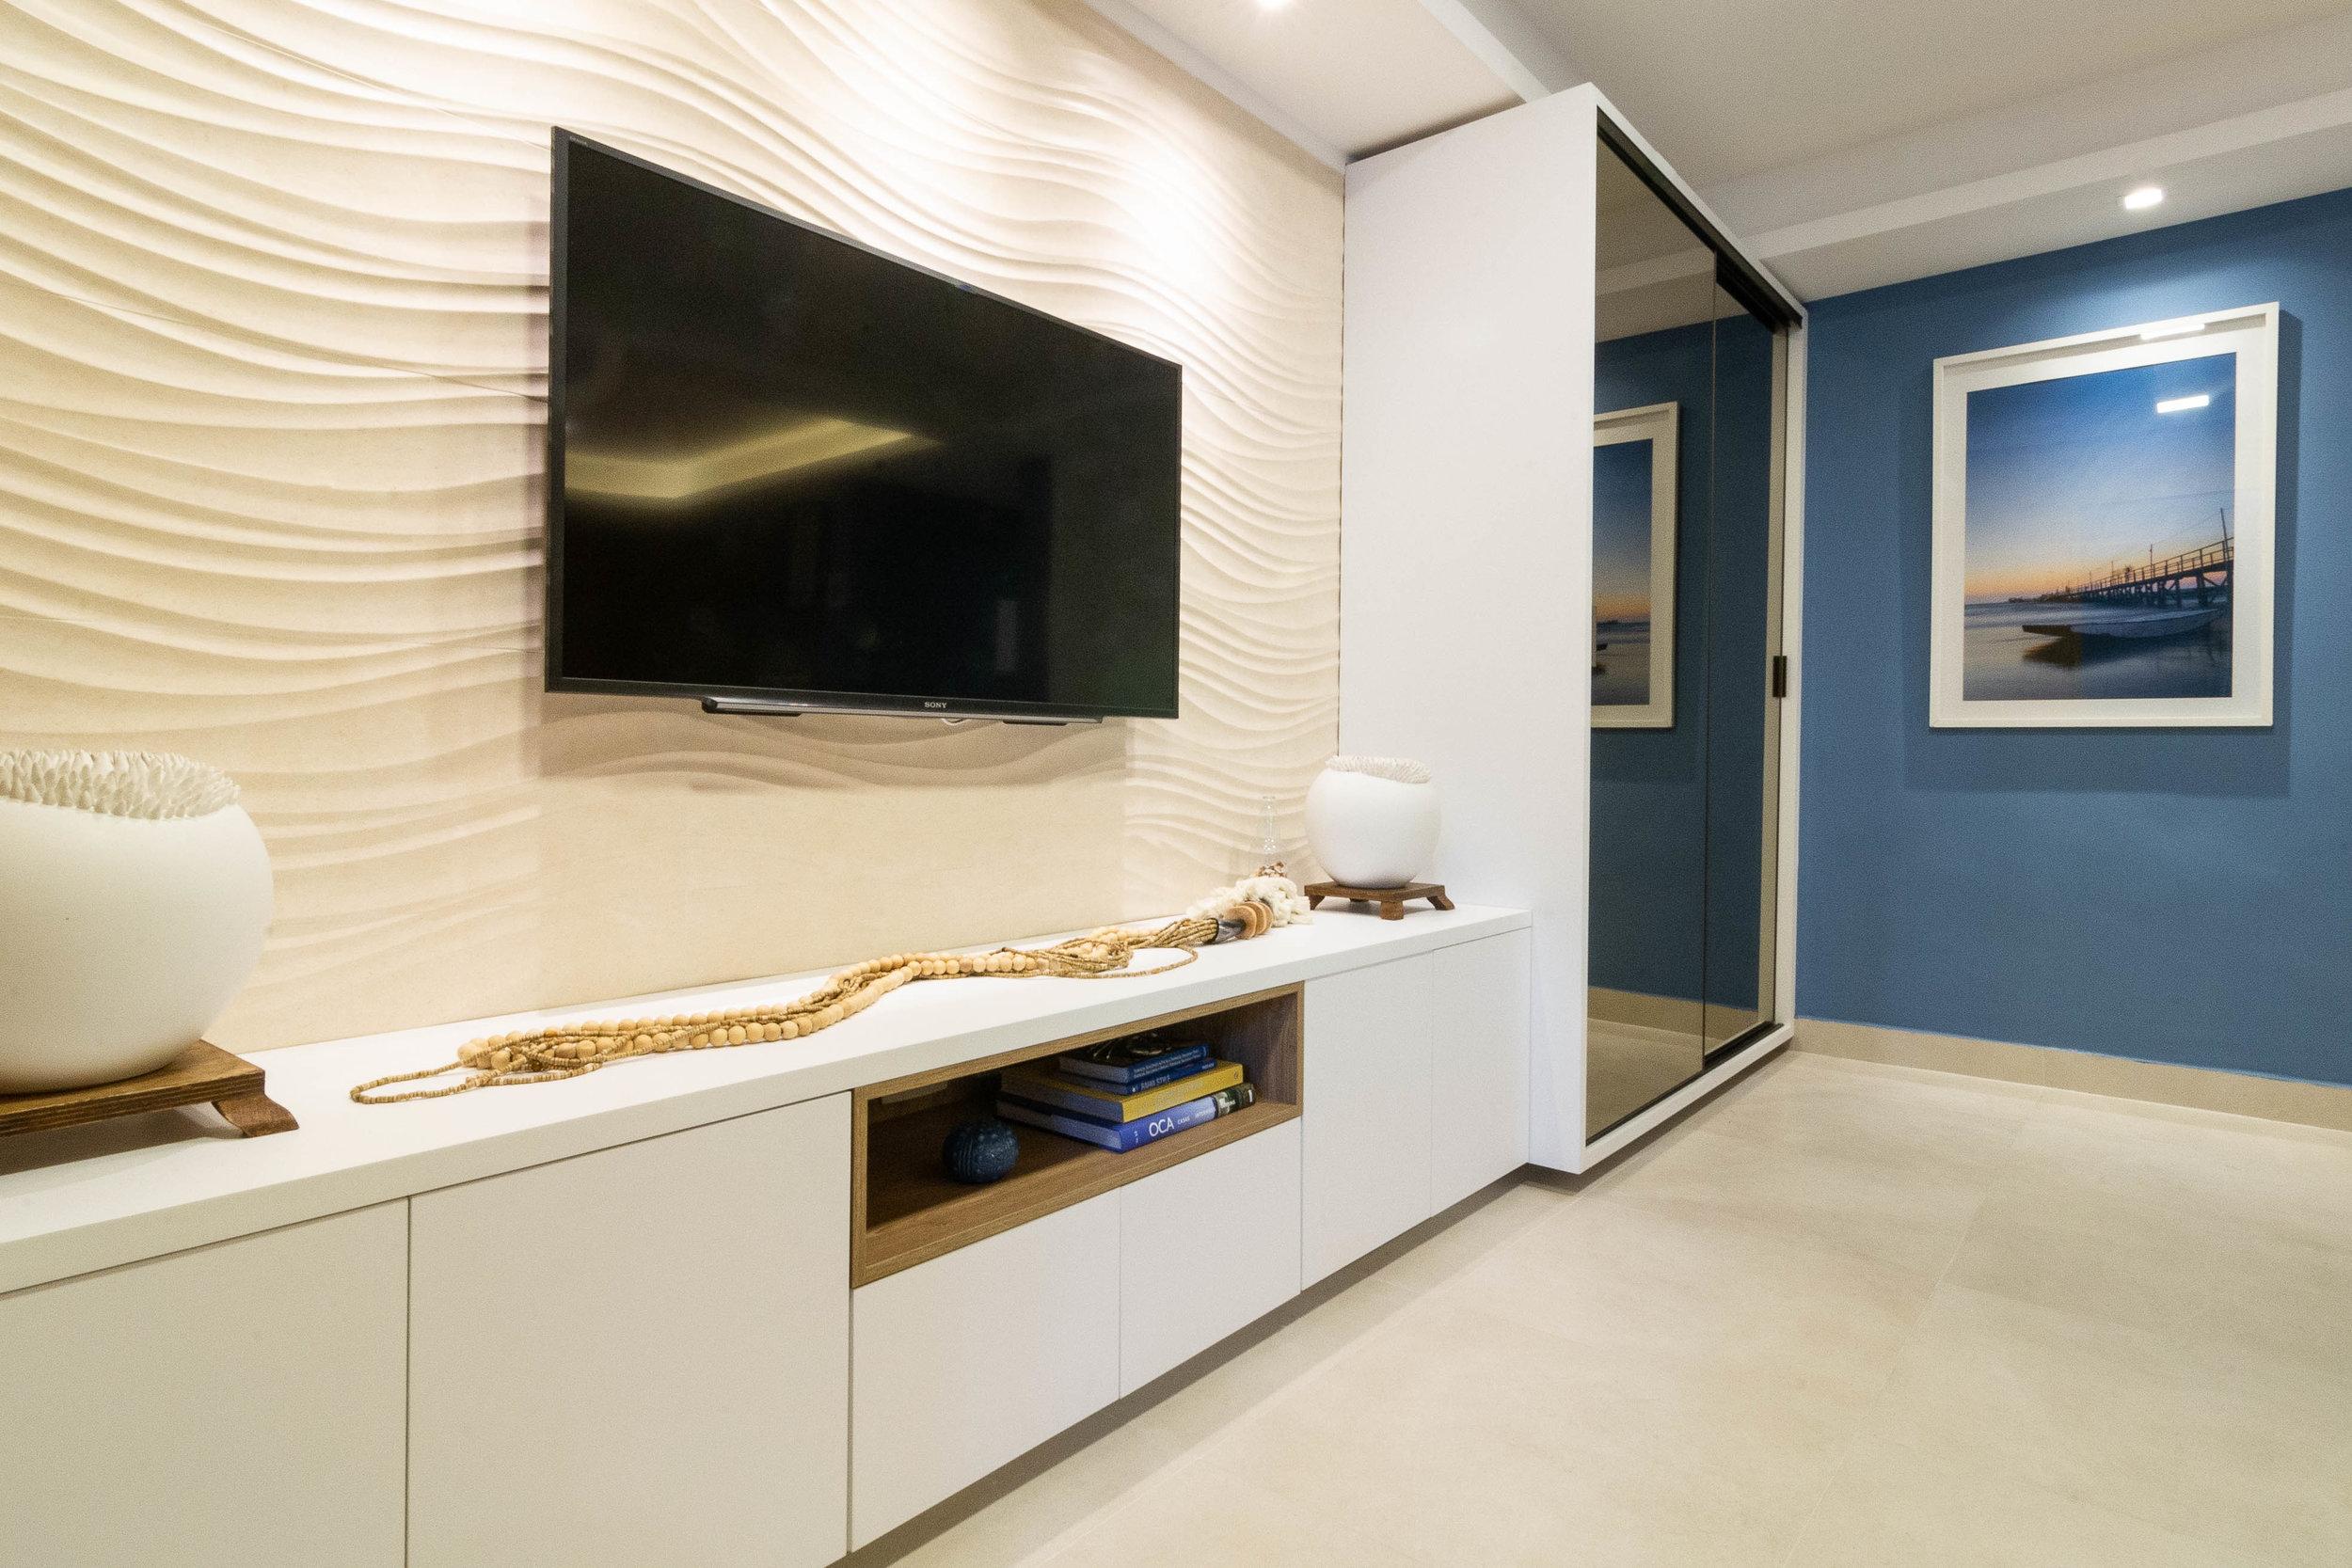 projeto-arquitetonico-luciananilton-duo-arquitetura-apartamentos-praia-06.jpg